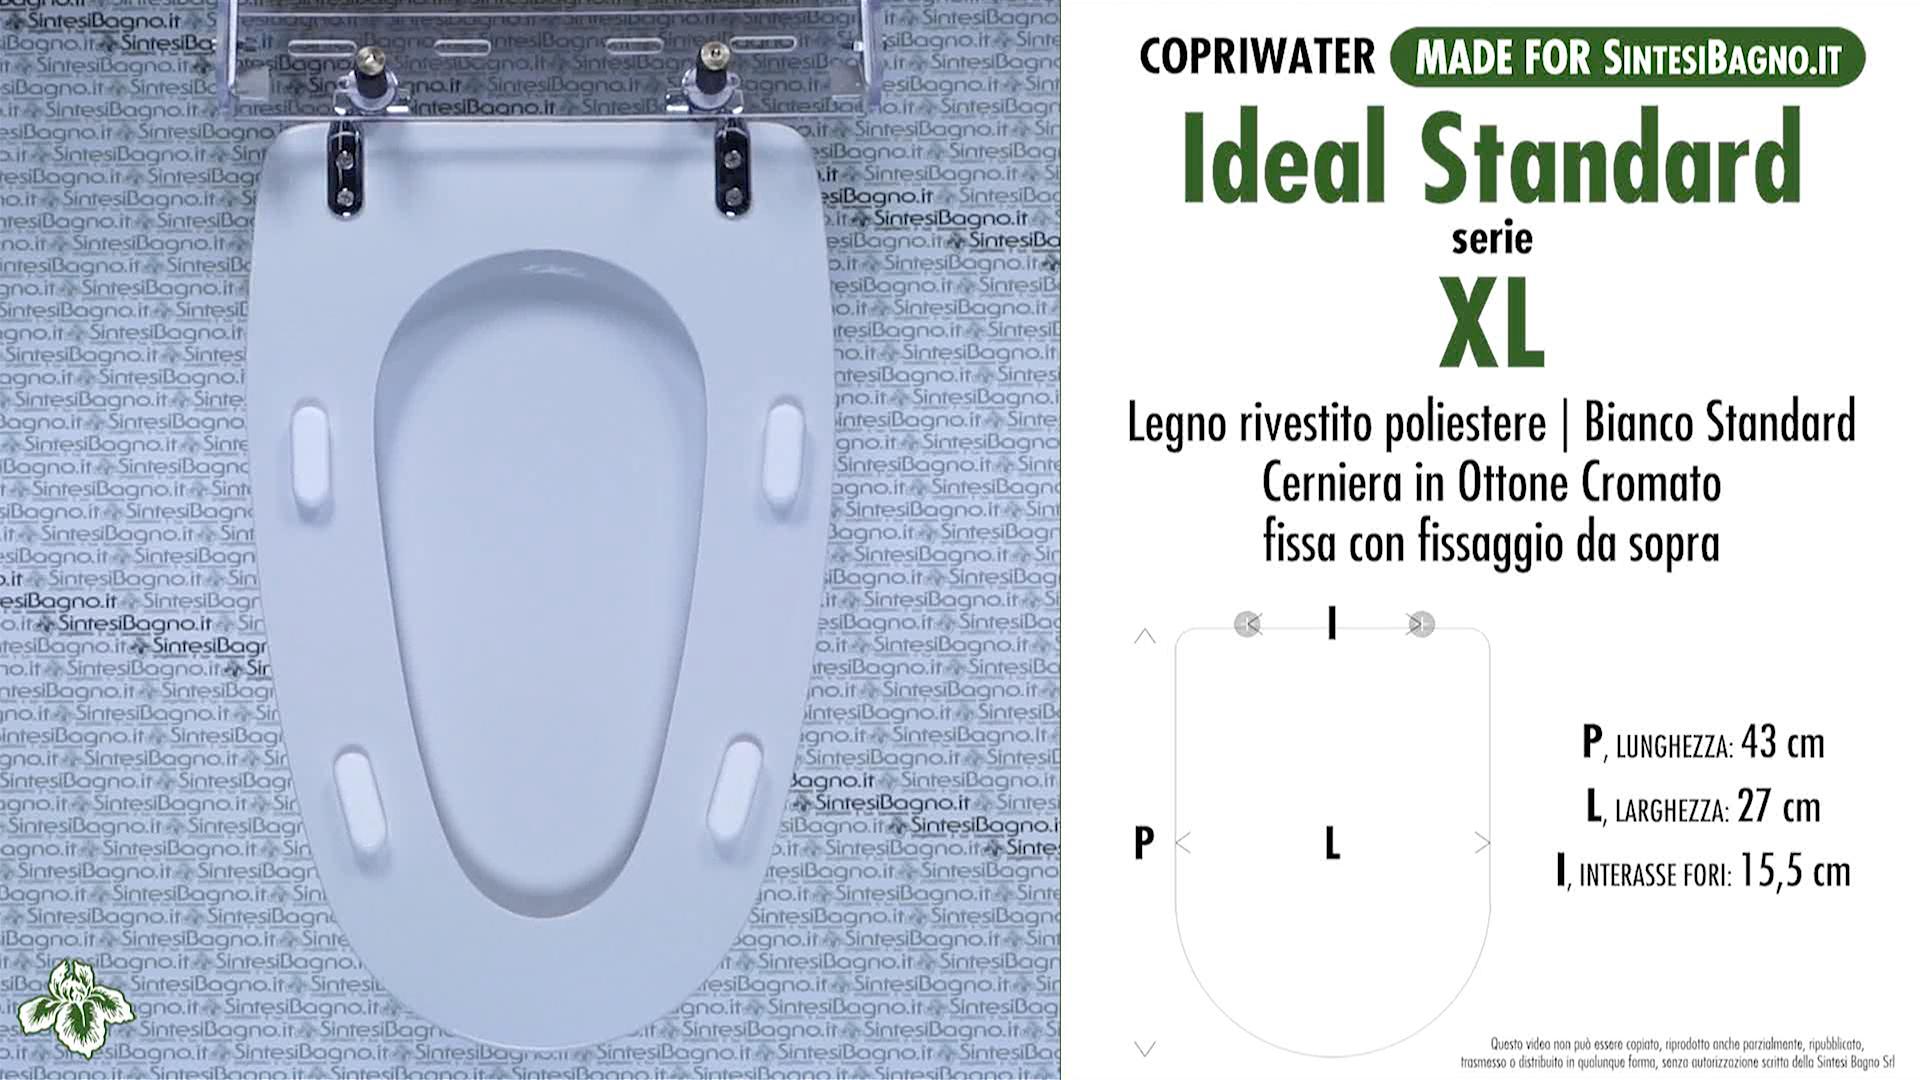 Copriwater dedicato vaso xl ideal standard legno for Ideal standard cantica copriwater